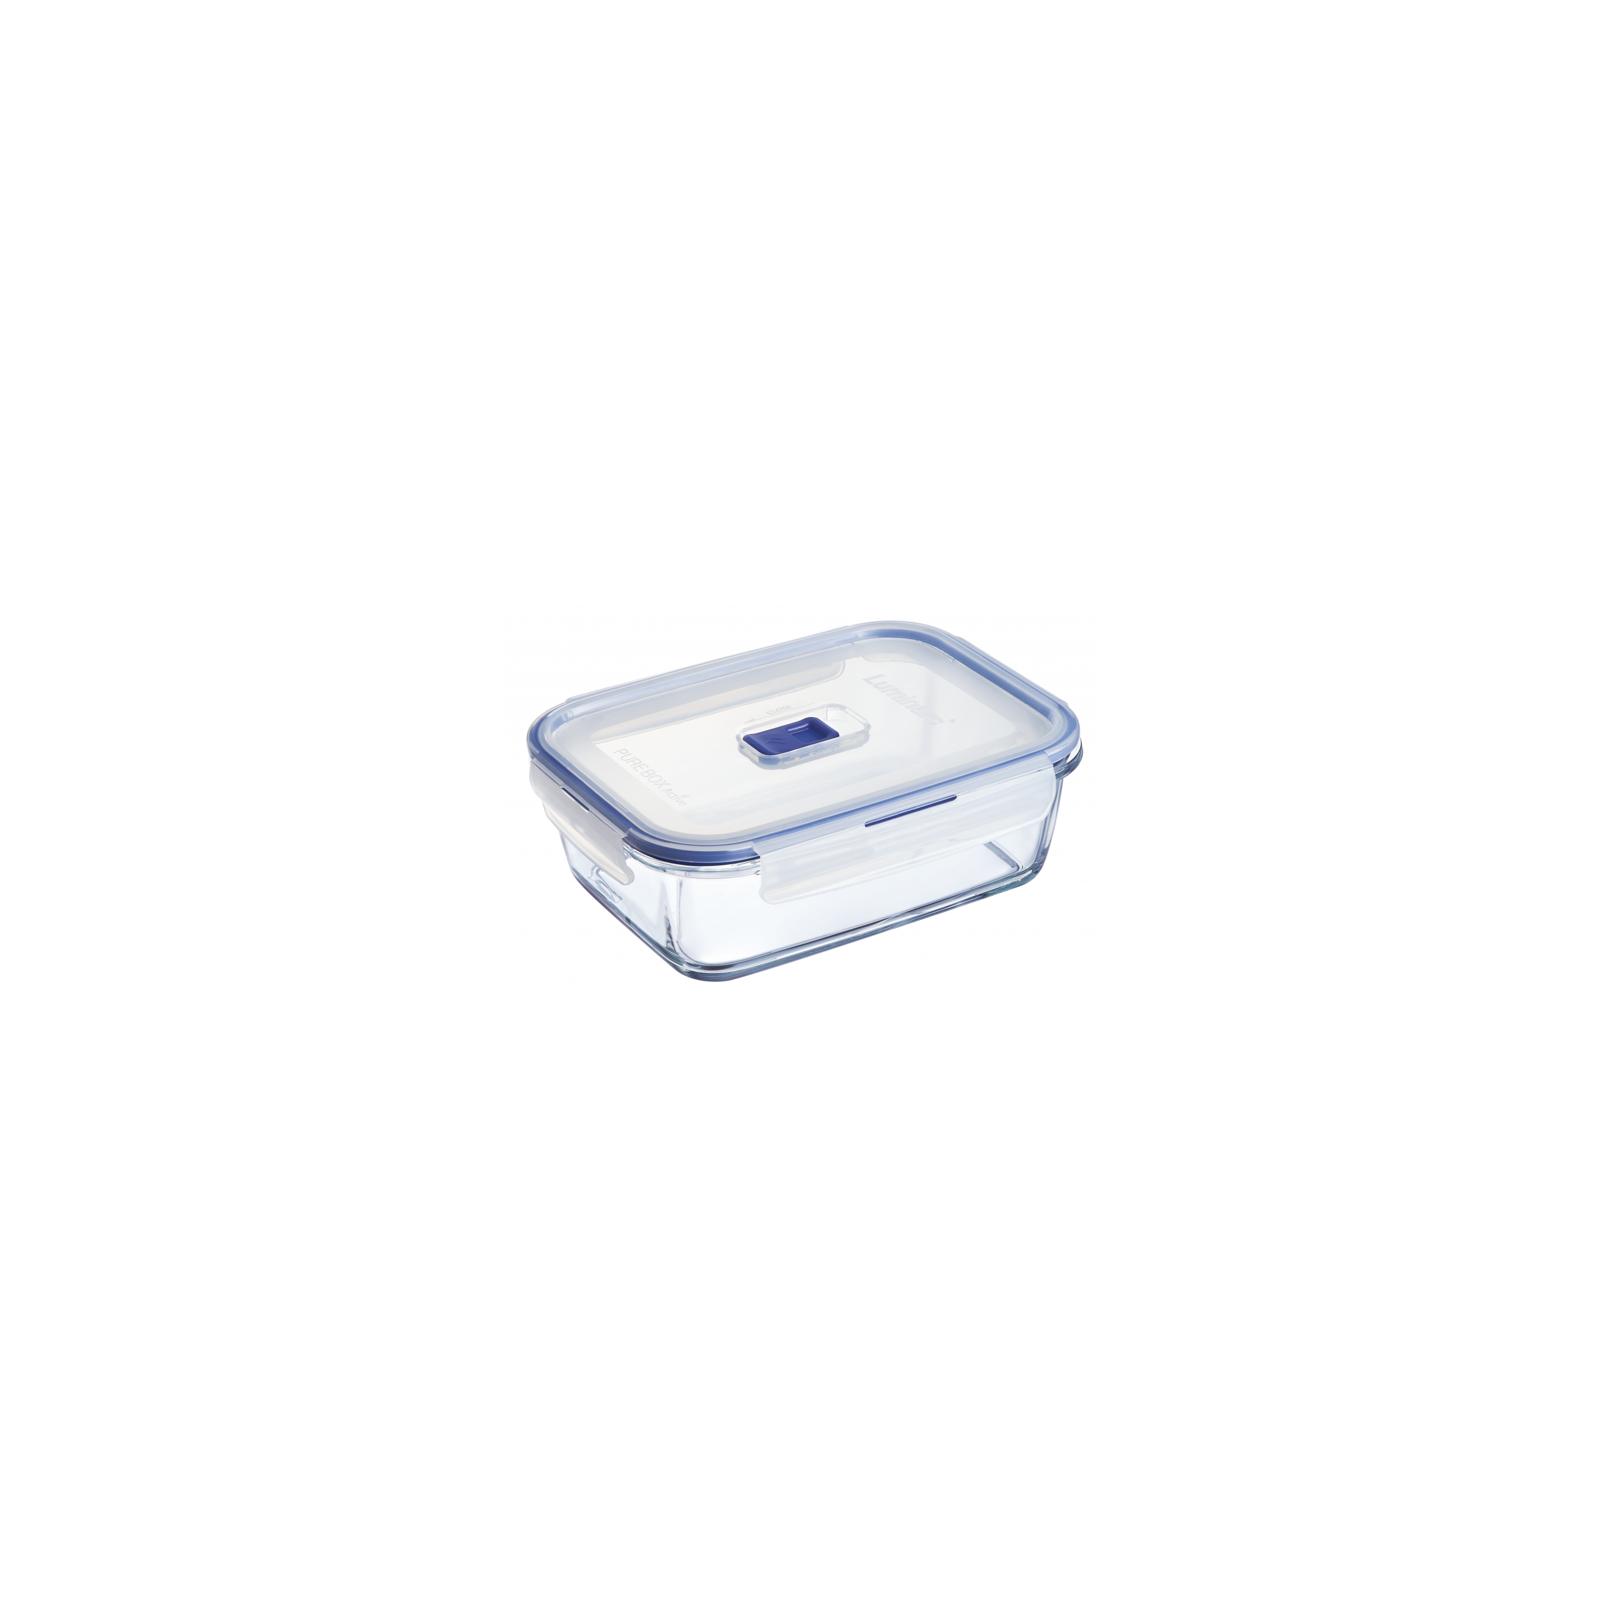 Пищевой контейнер Luminarc Pure Box Active набор 3шт прямоуг. 380мл/820мл/1220мл (P5275) изображение 4